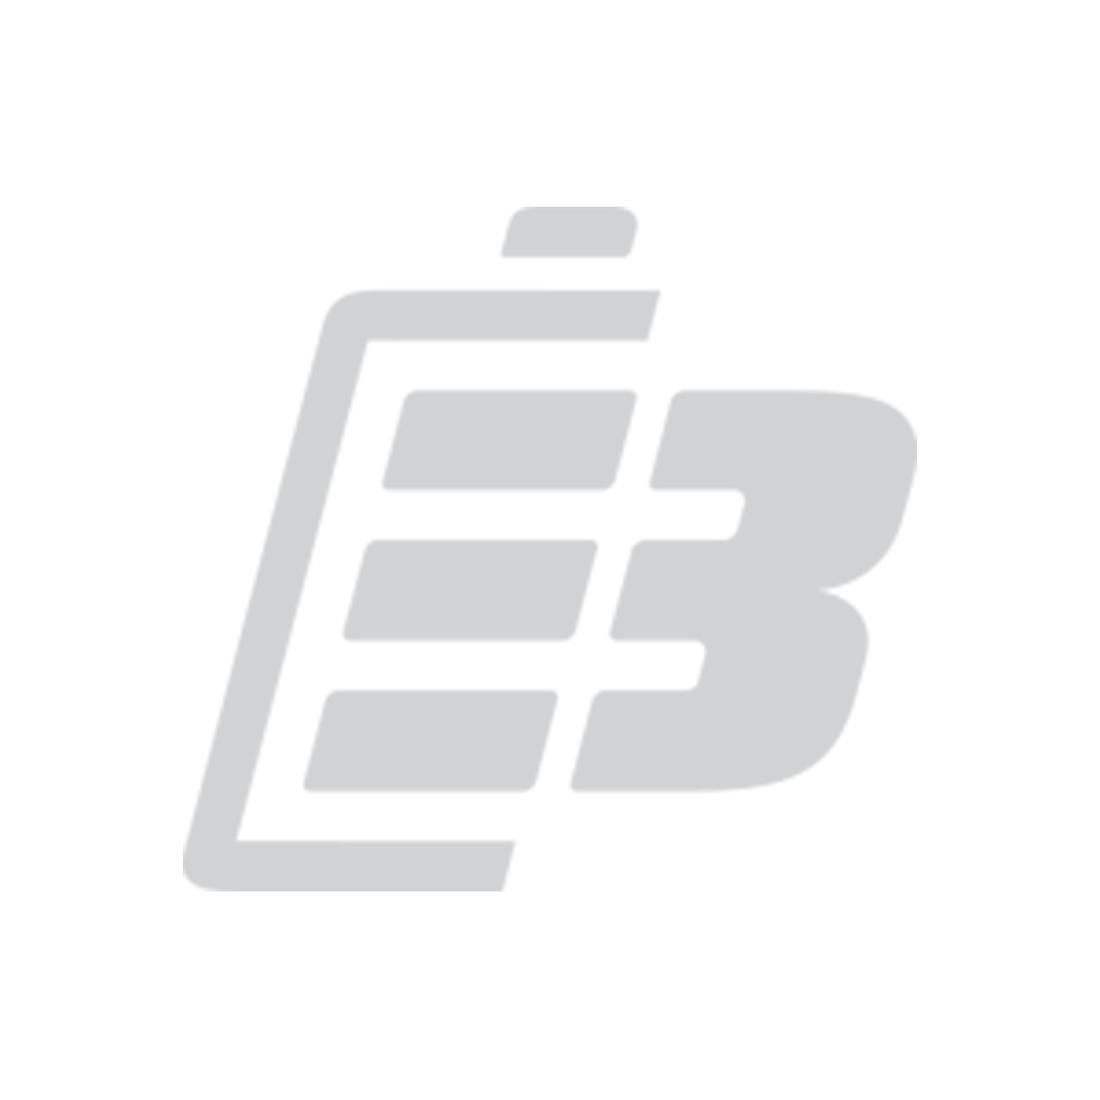 Μπαταρία tablet Asus Transformer Book T100_1